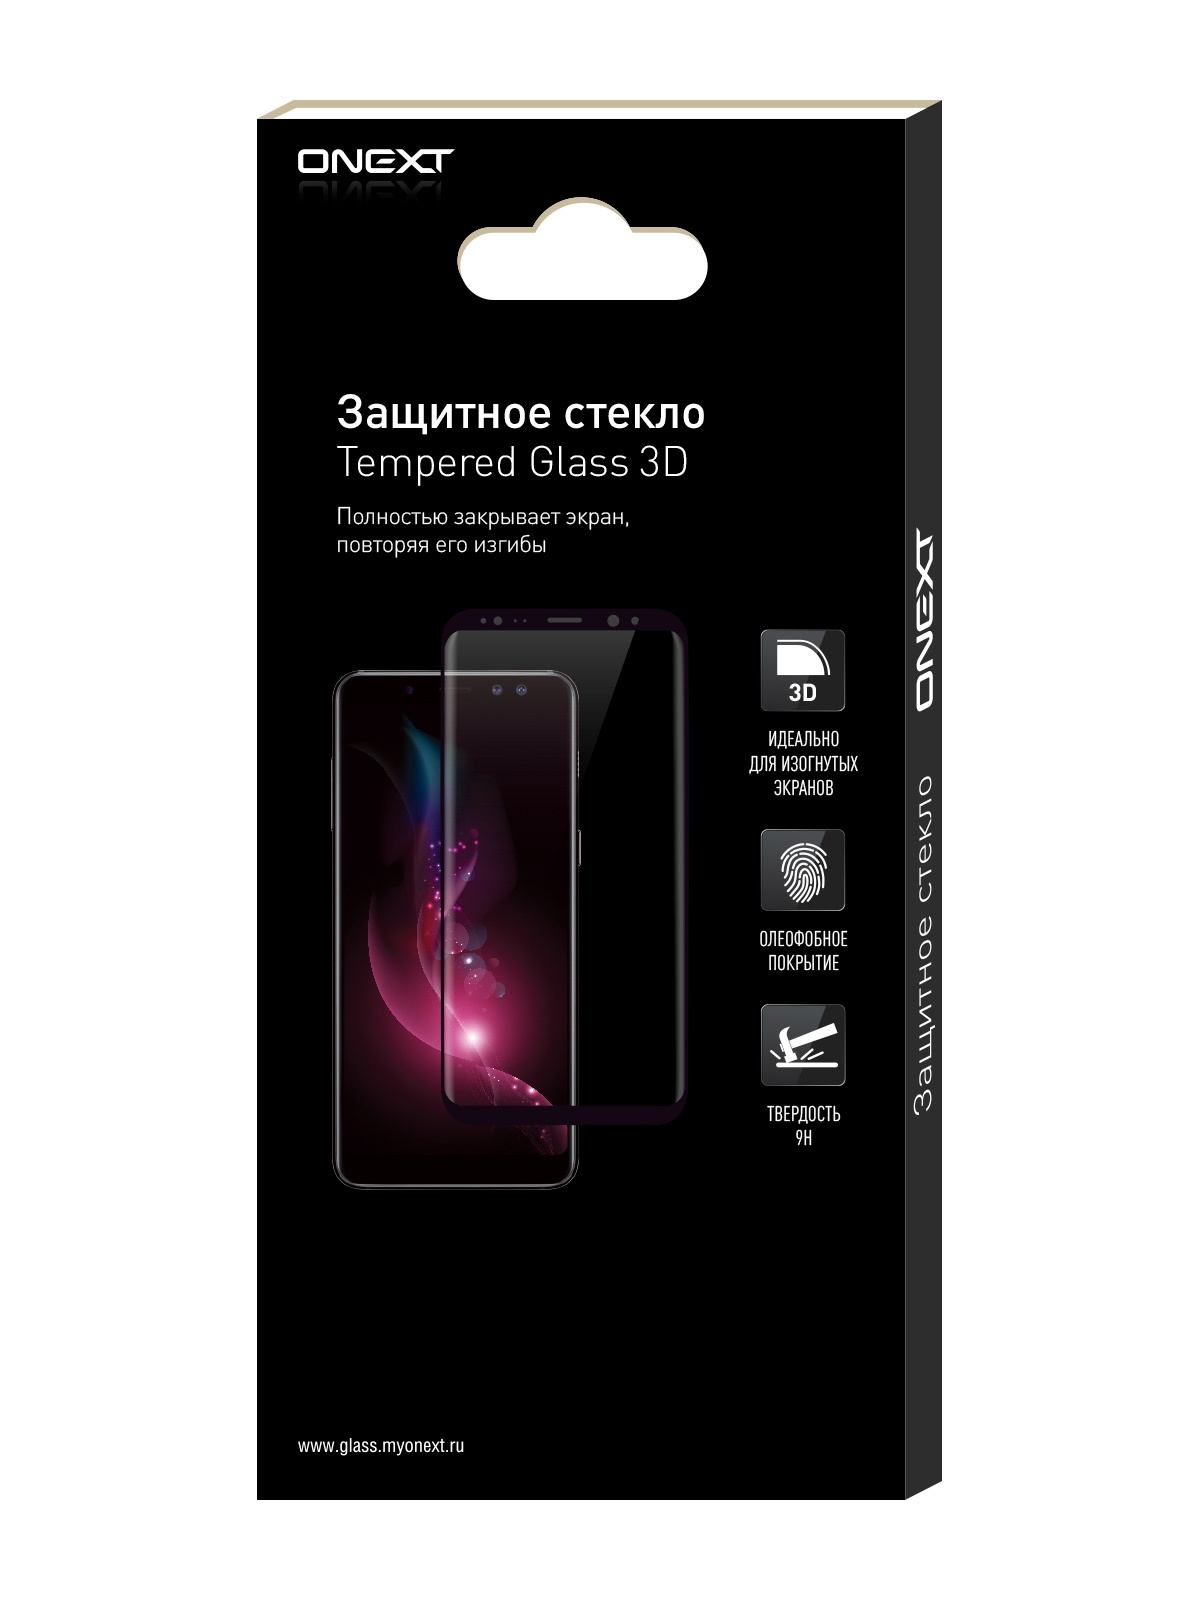 Защитное стекло ONEXT Sony Xperia XA1 Ultra 3D